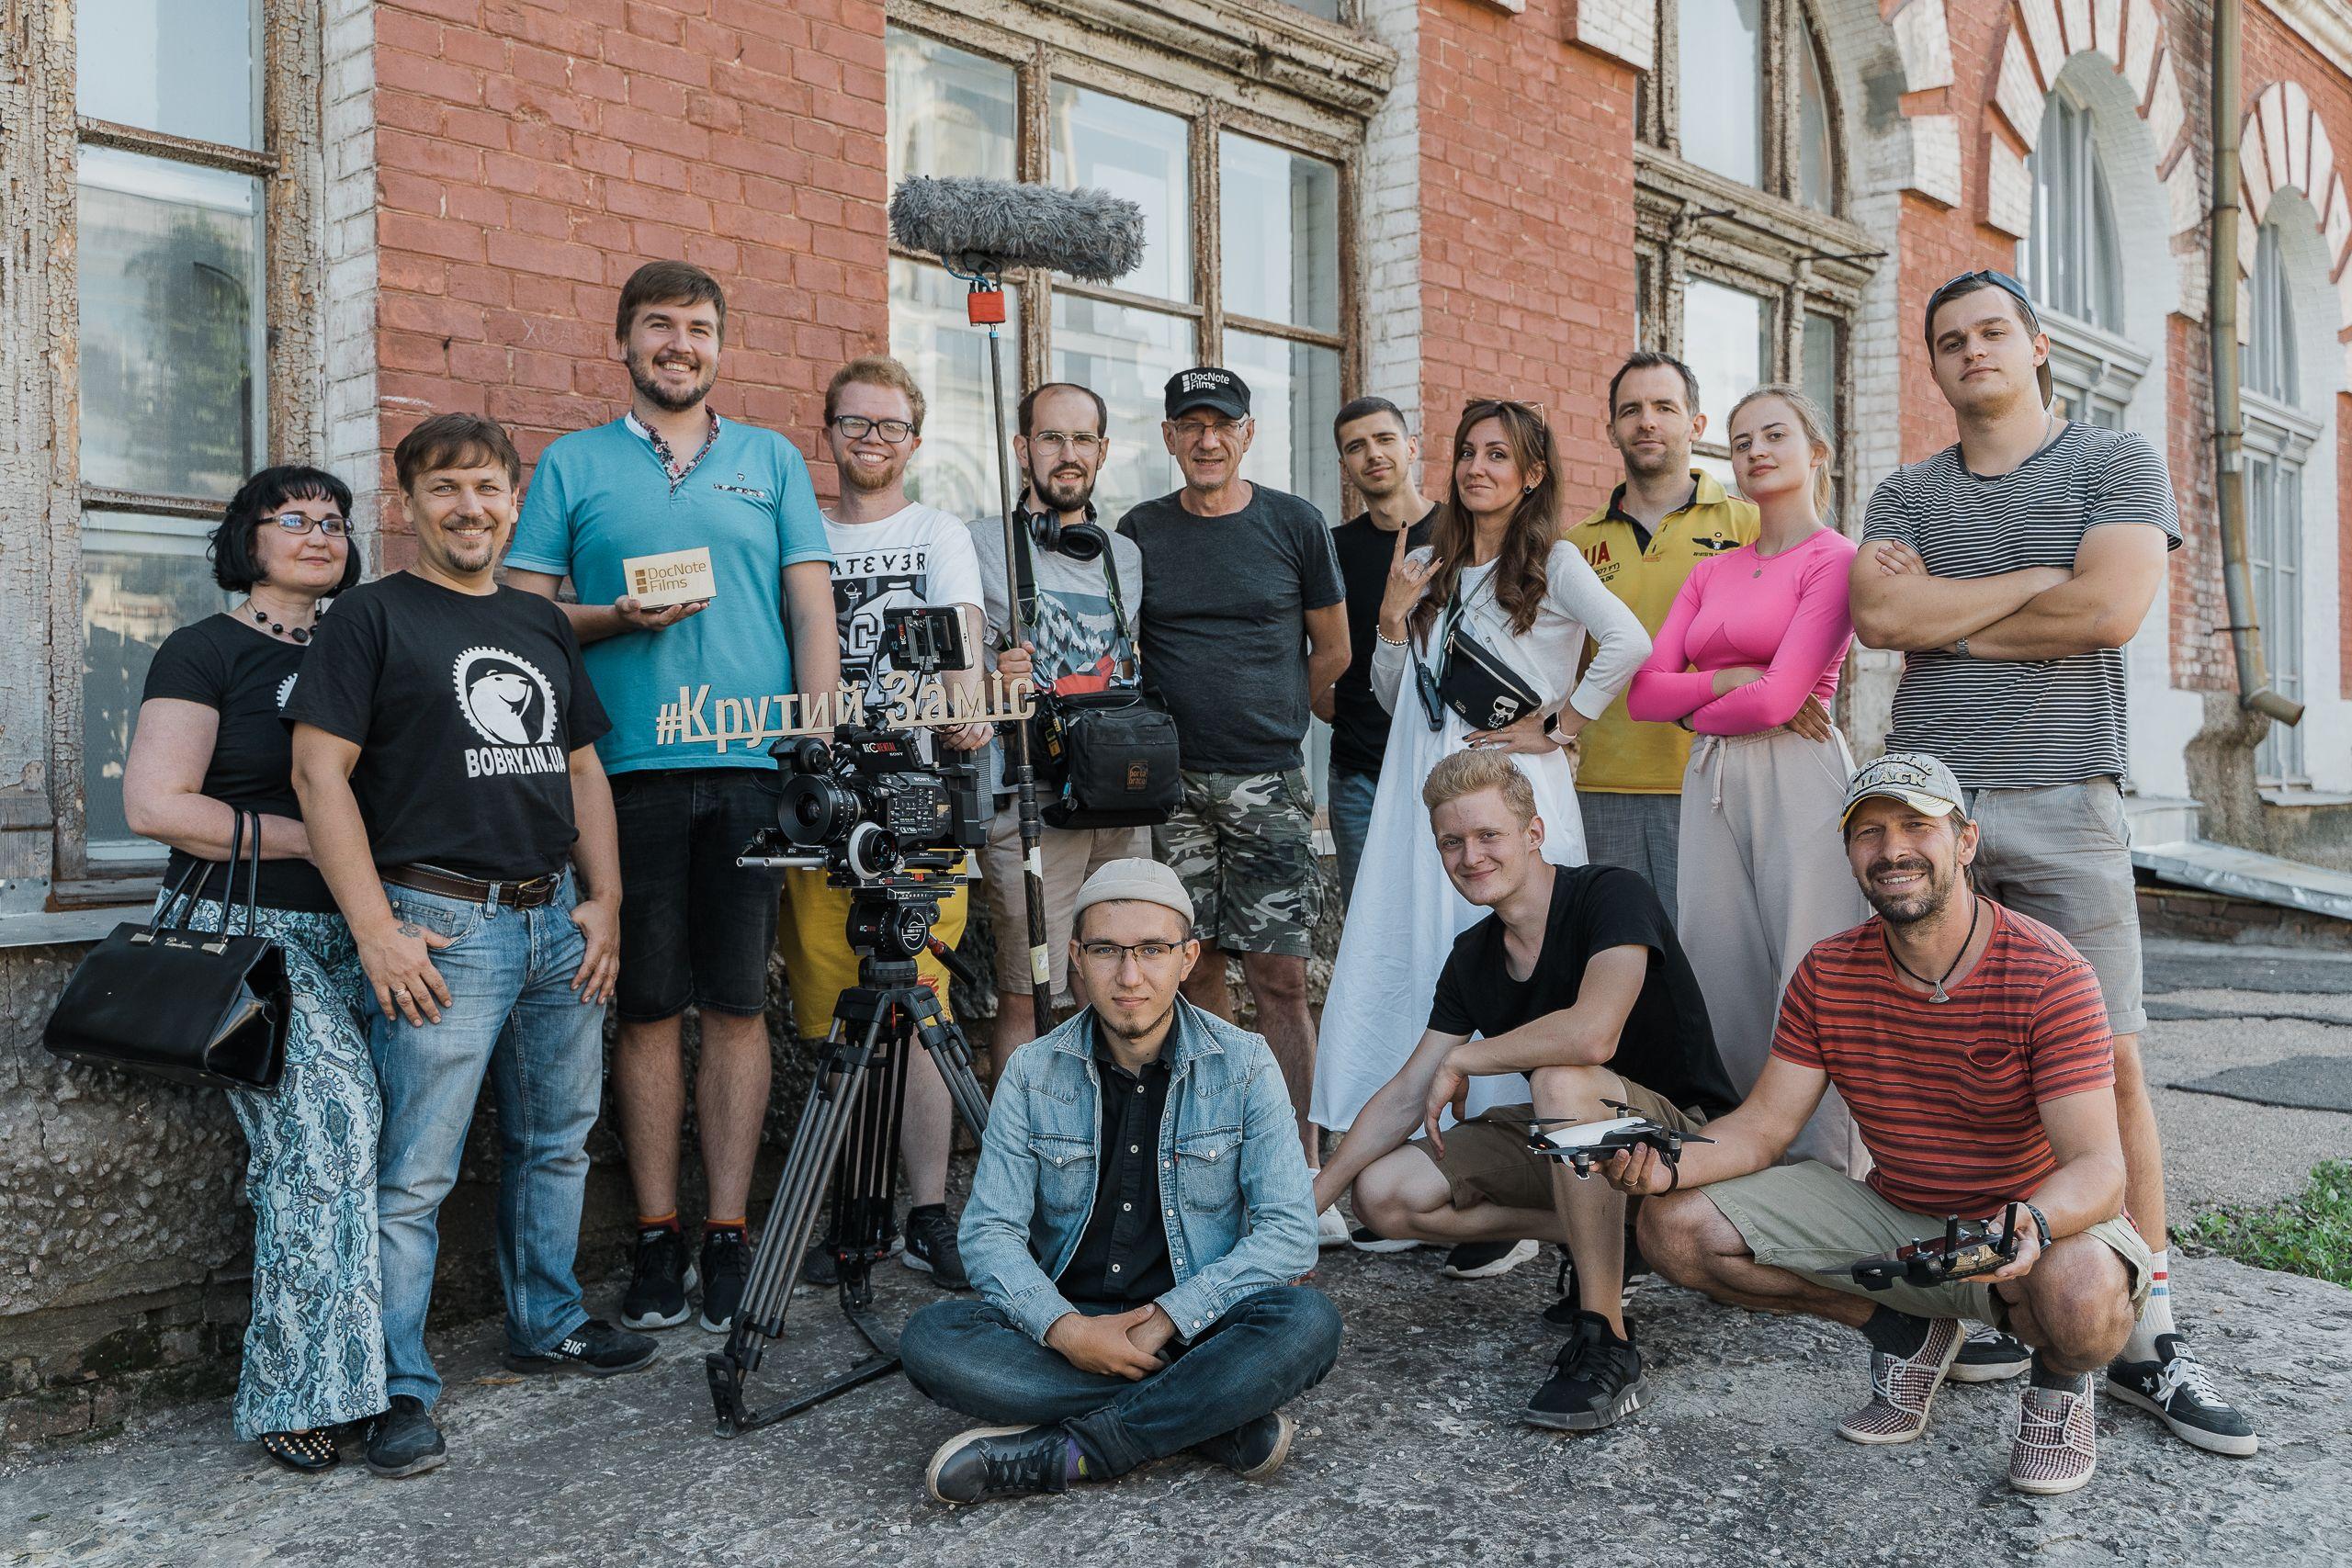 Завершено монтаж другого сезону документального серіалу про українських ветеранів «Крутий Заміс»